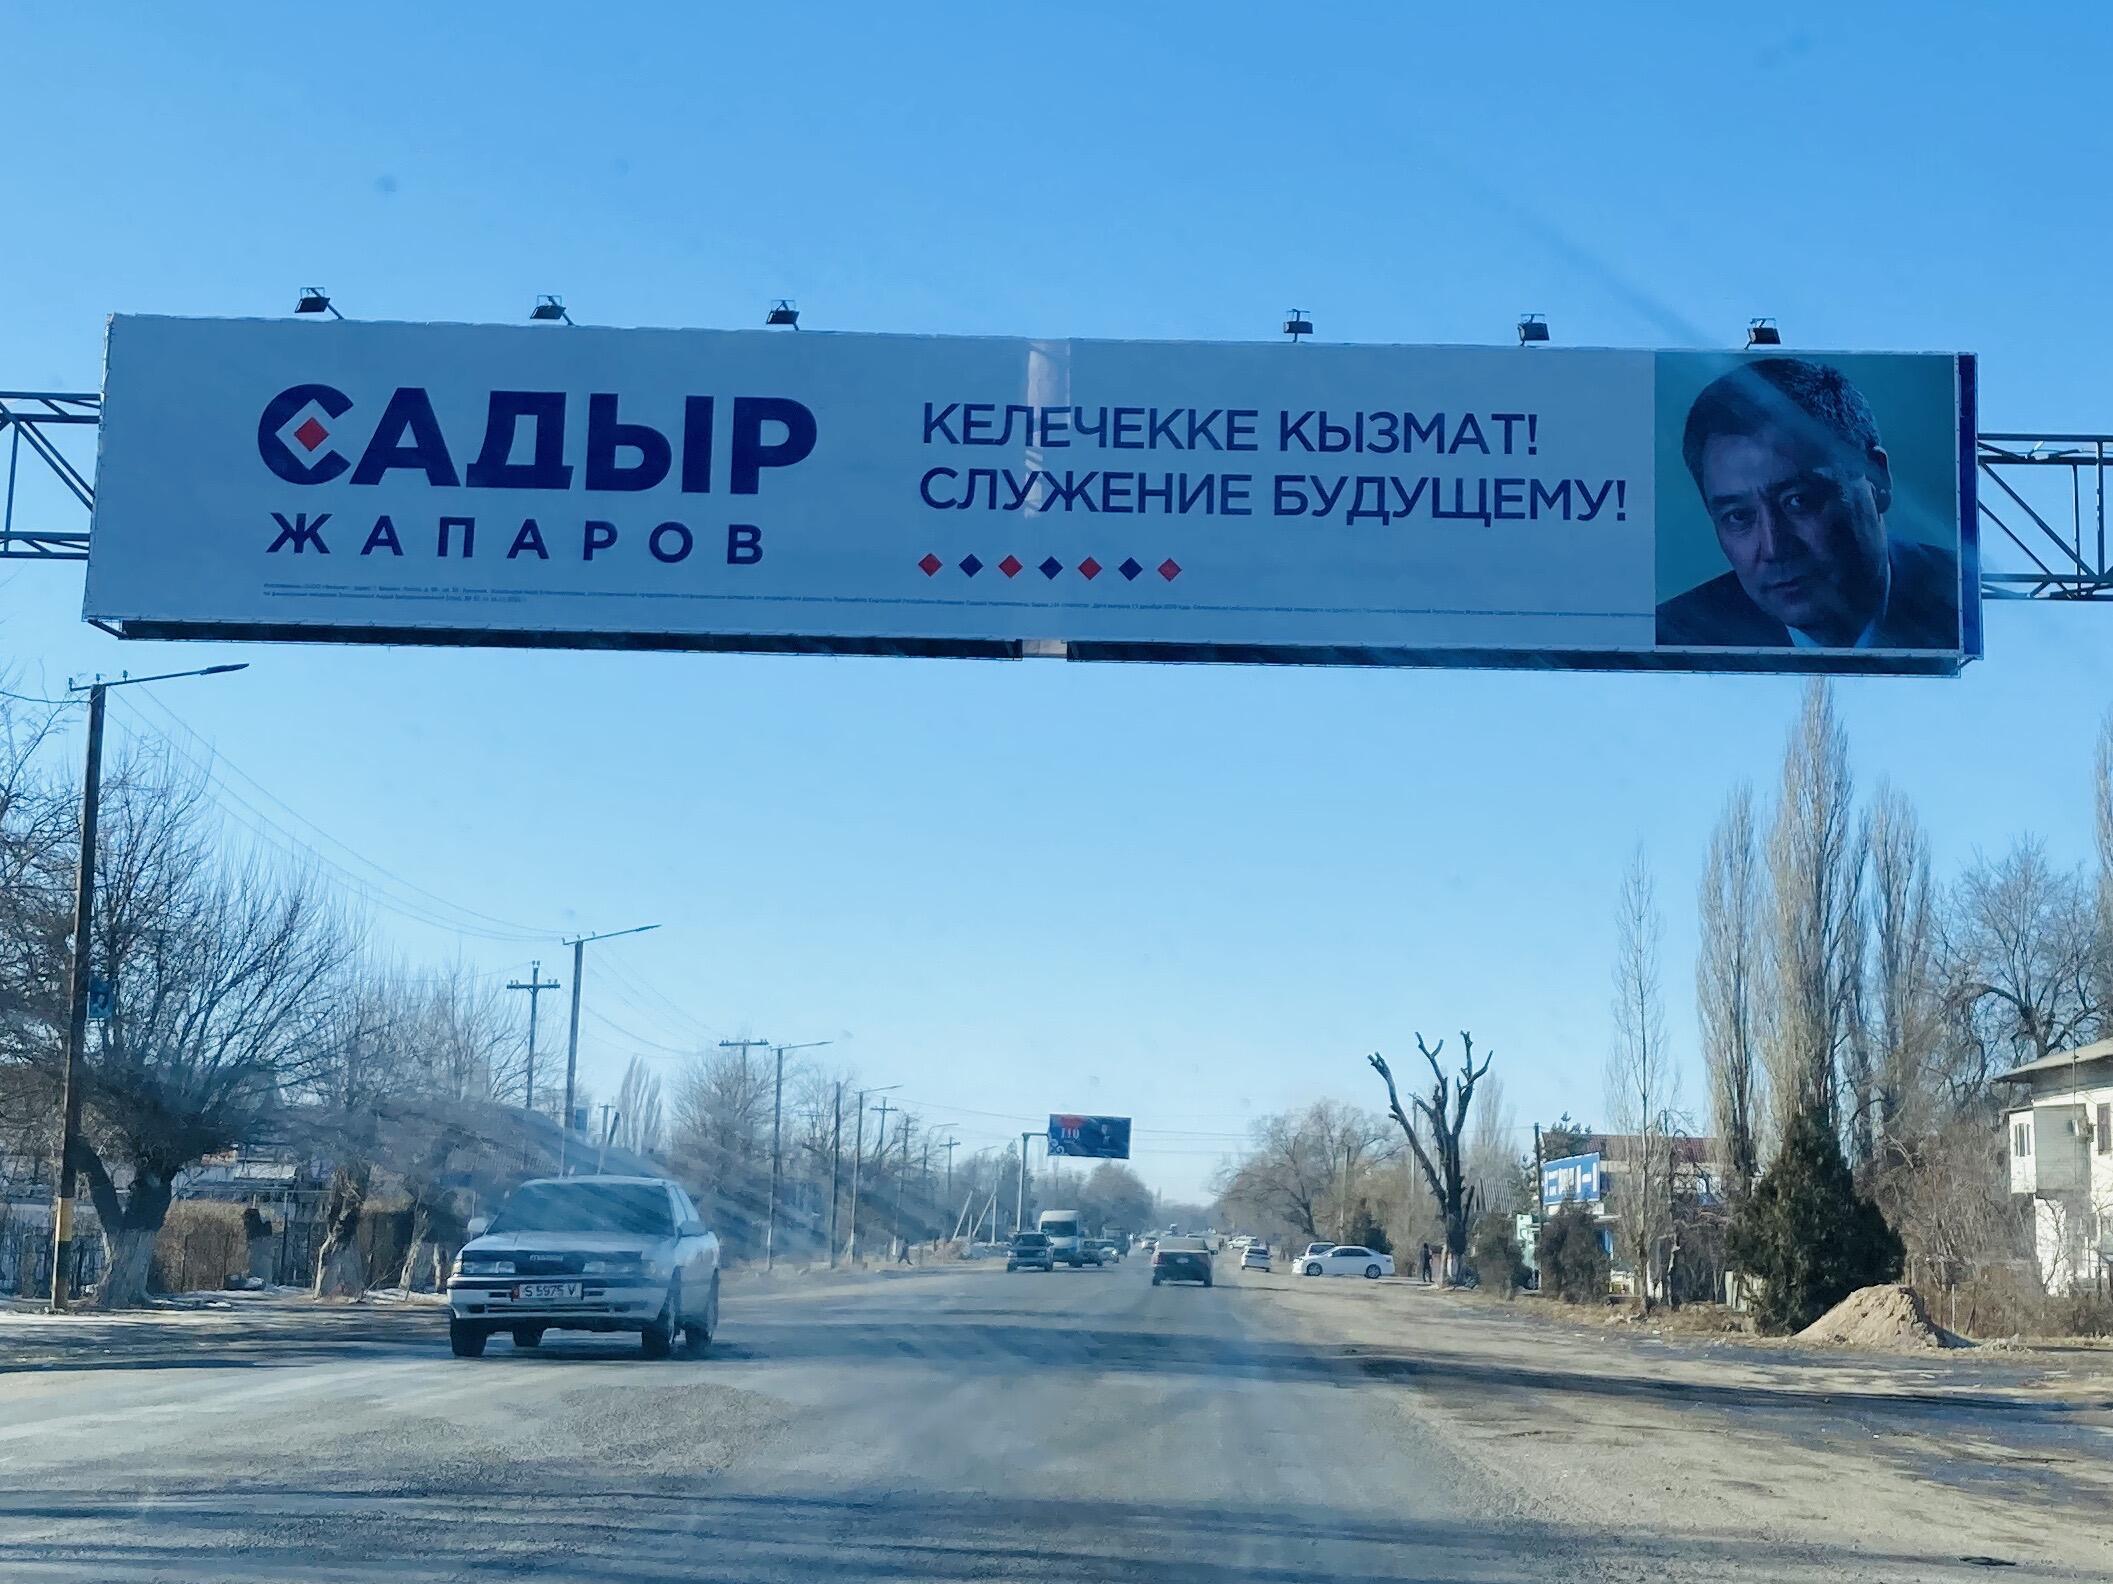 Баннер Садыра Жапарова на улице в городе Кант. Кыргызстан 10 января 2021 г.